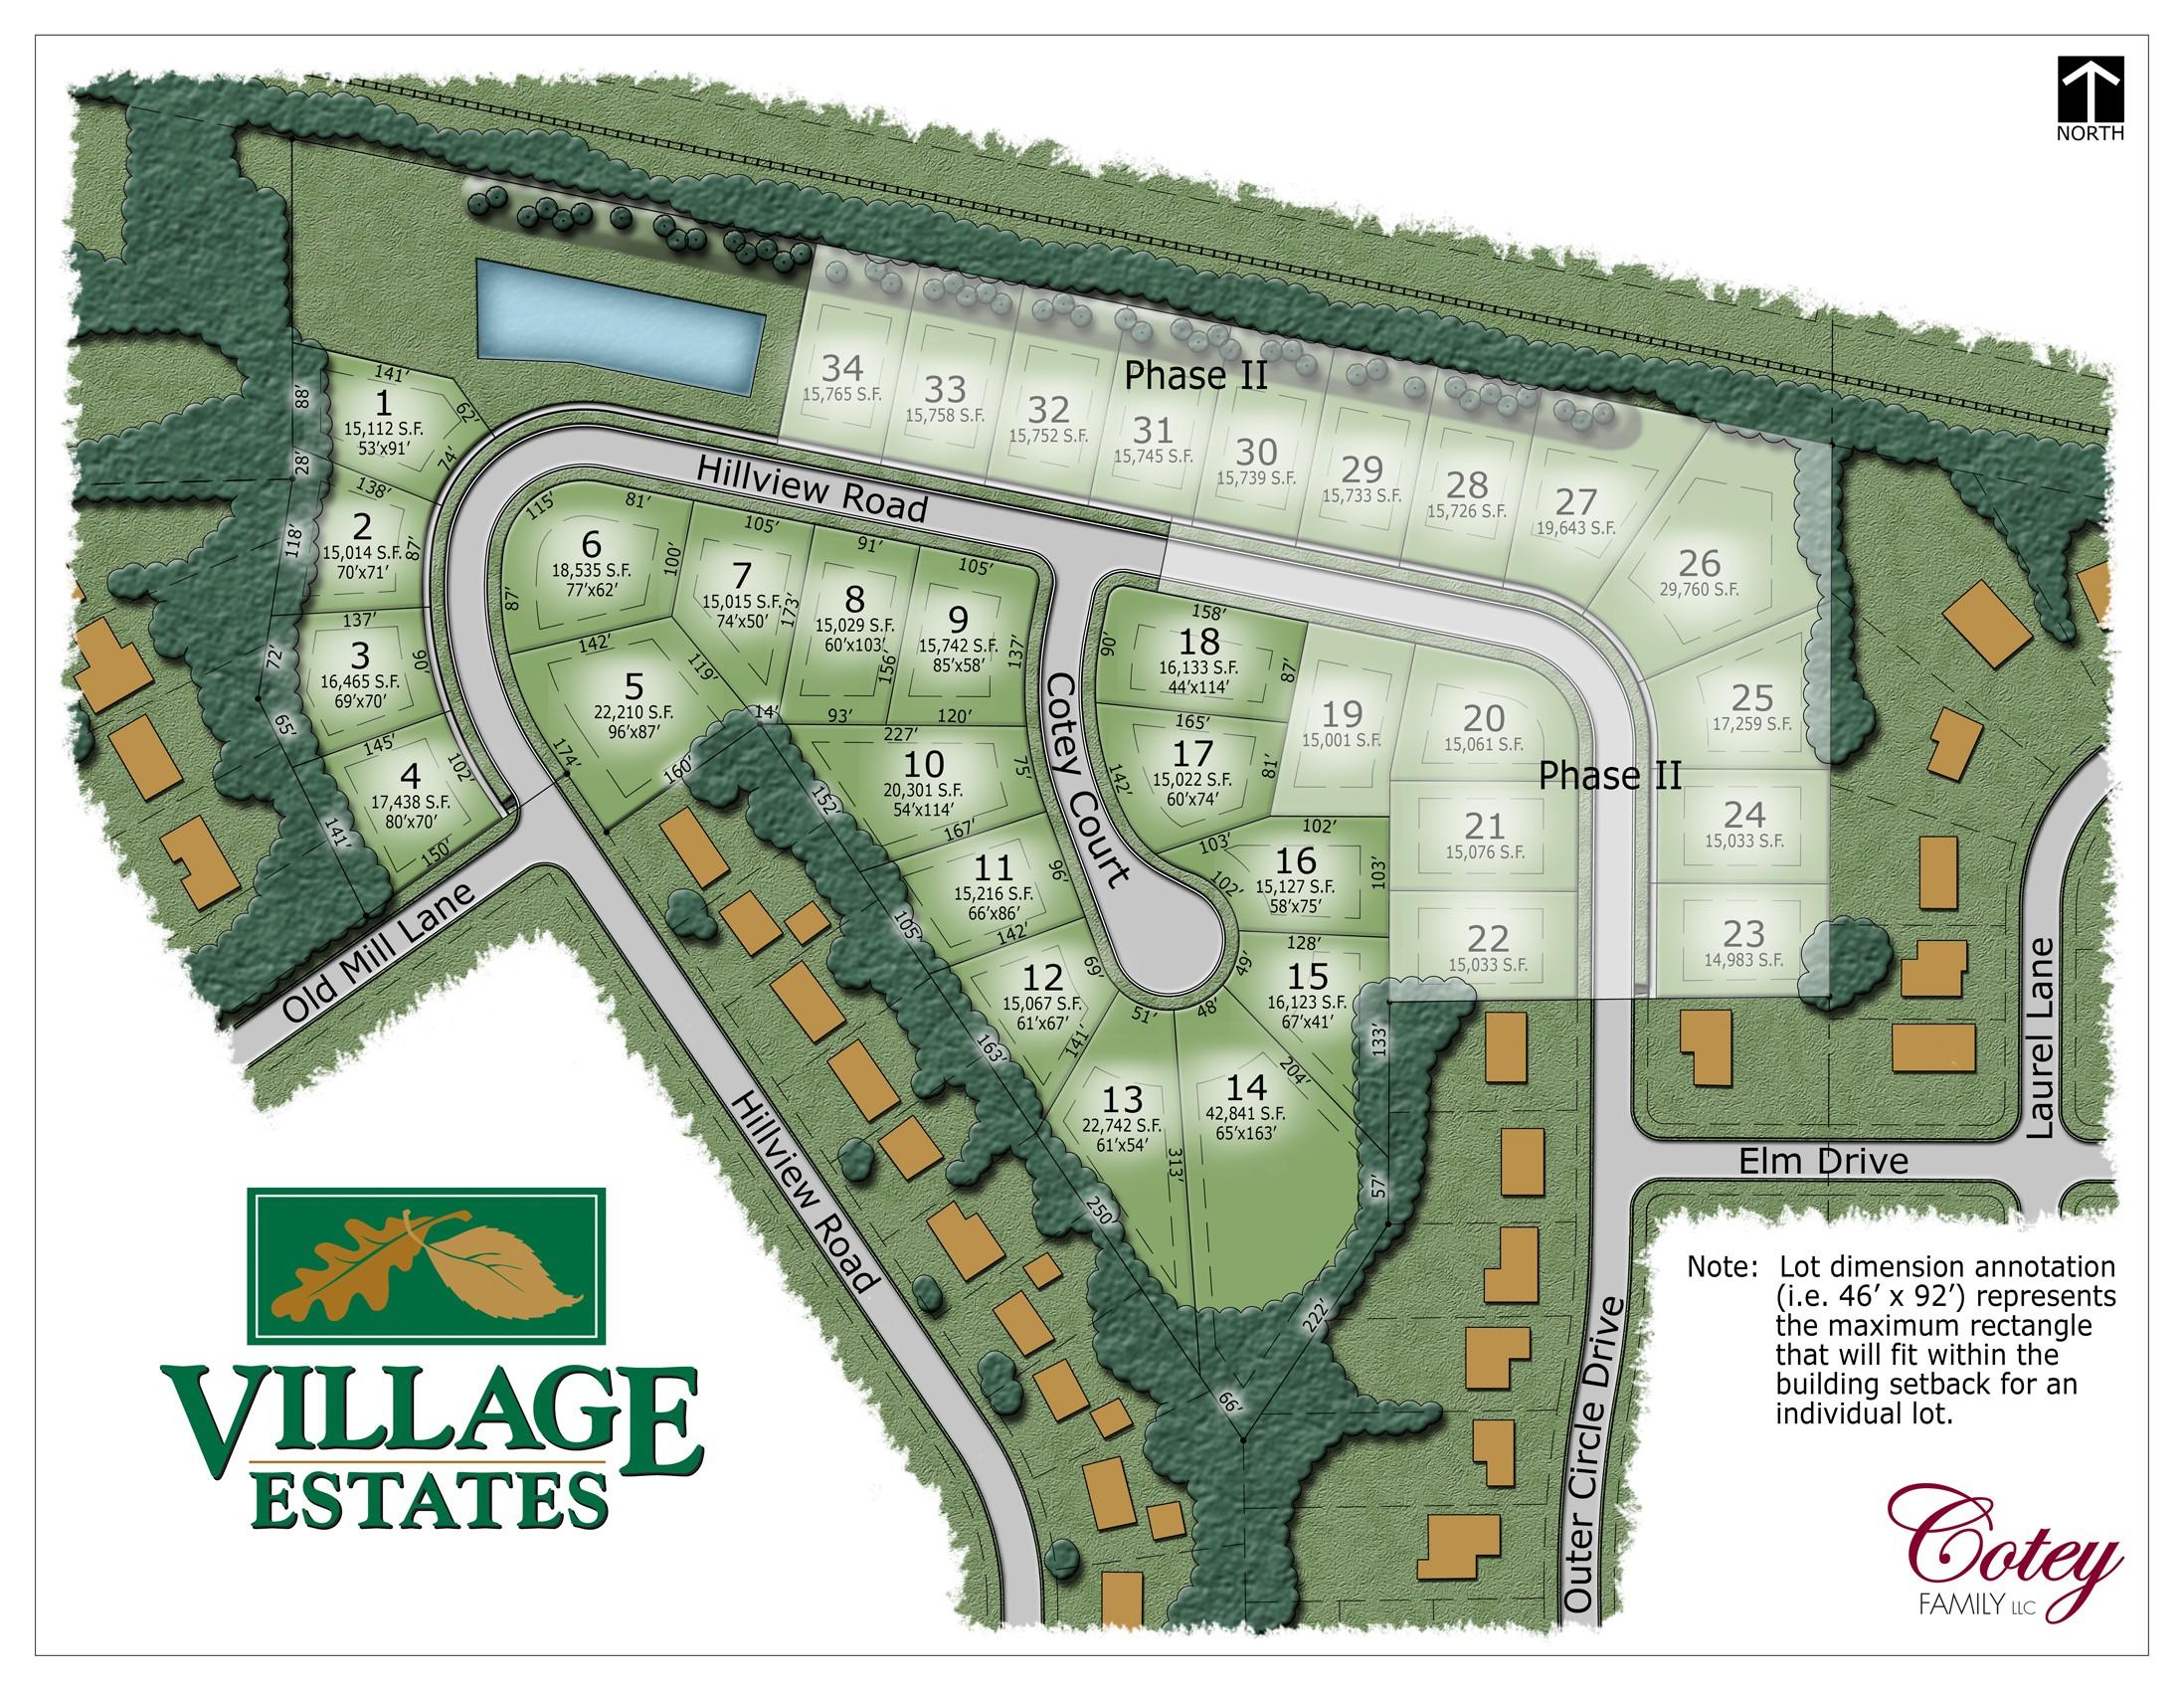 Village Estates Subdivision In Sussex Wi